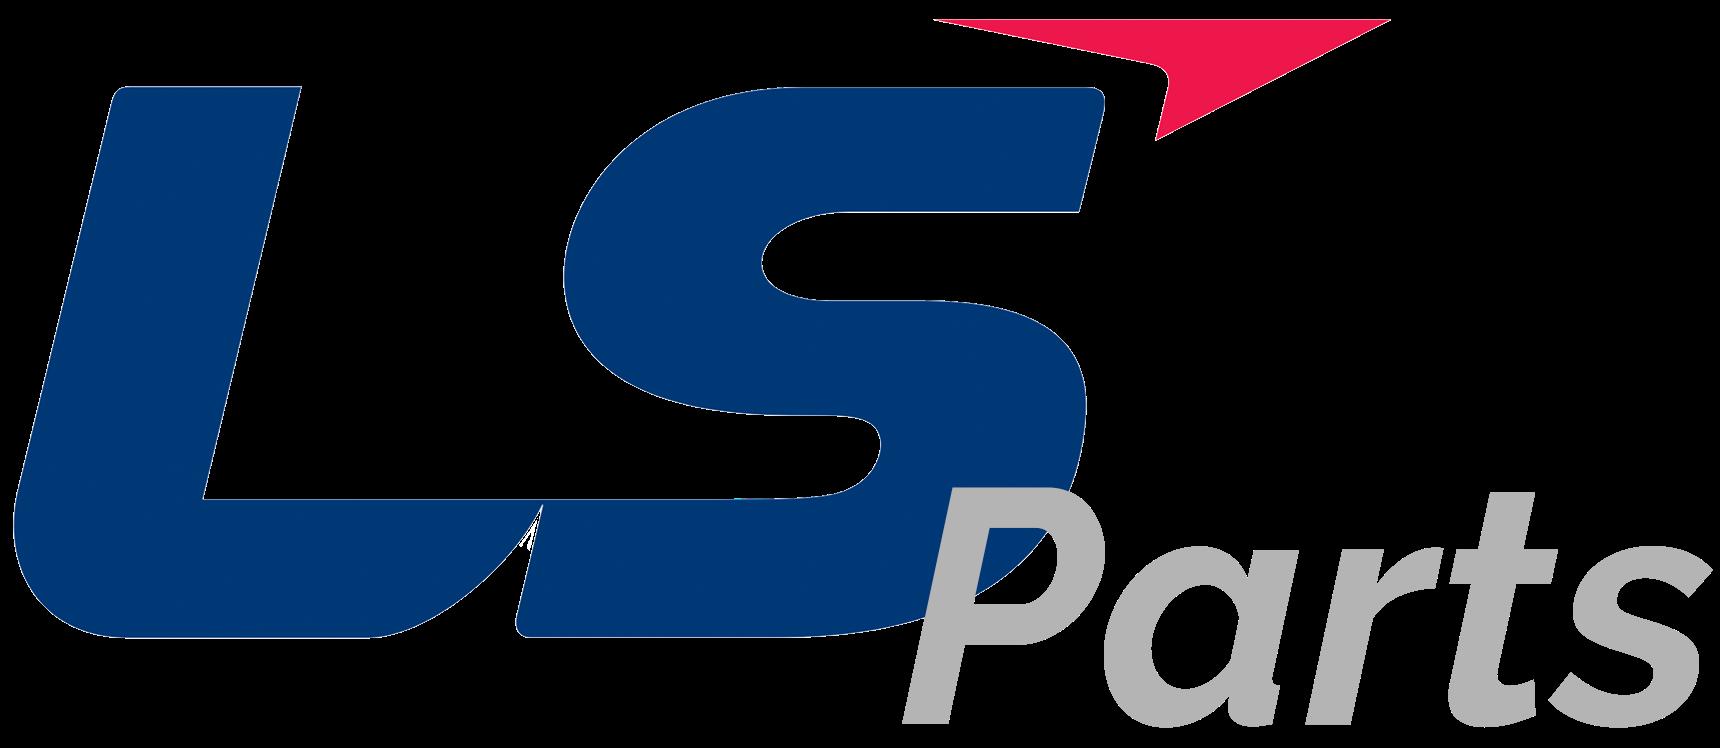 LS Parts